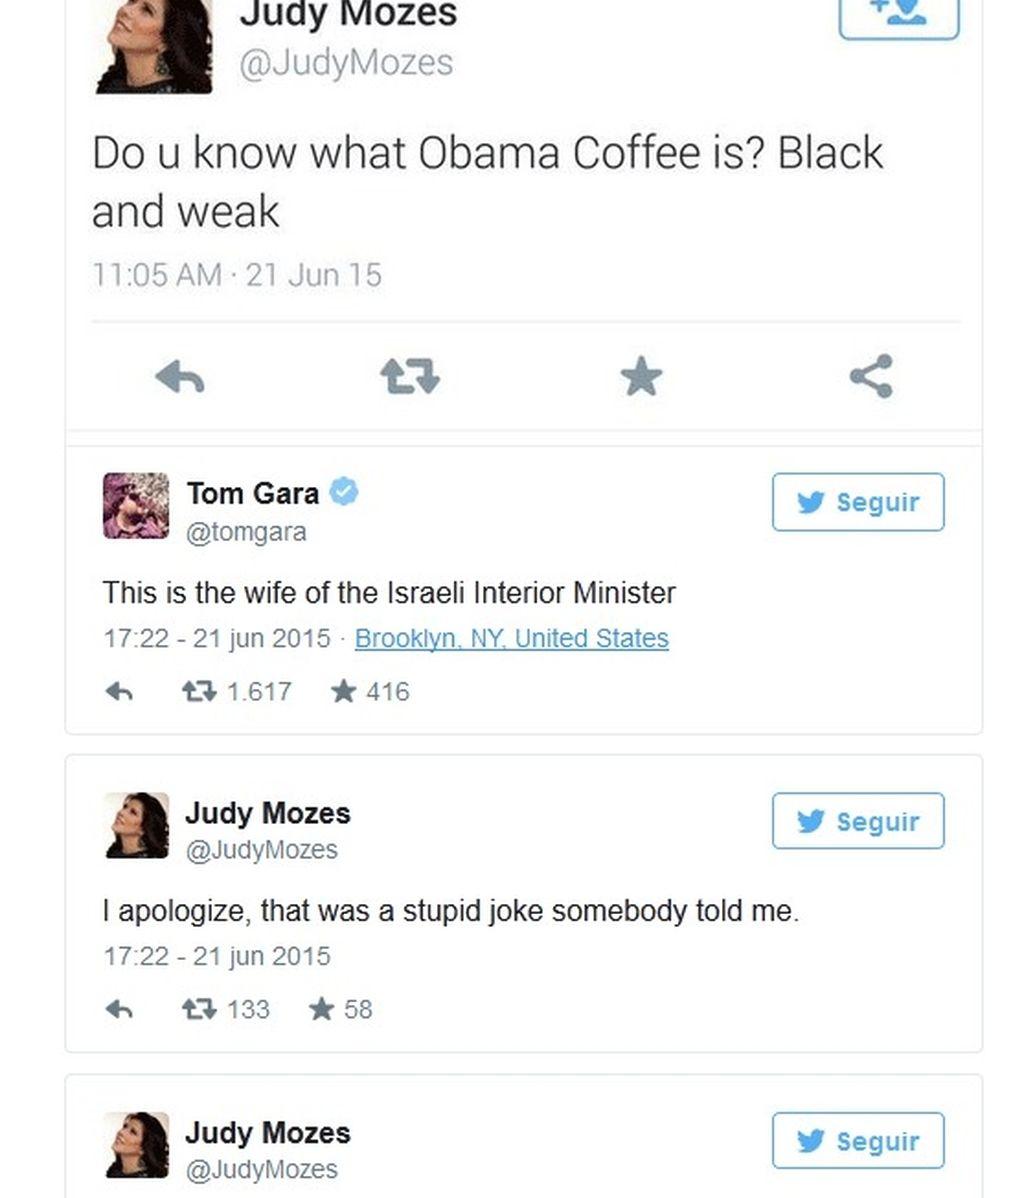 La esposa del ministro del Interior de Israel se diculpa por el tuit ofensivo contra Obama